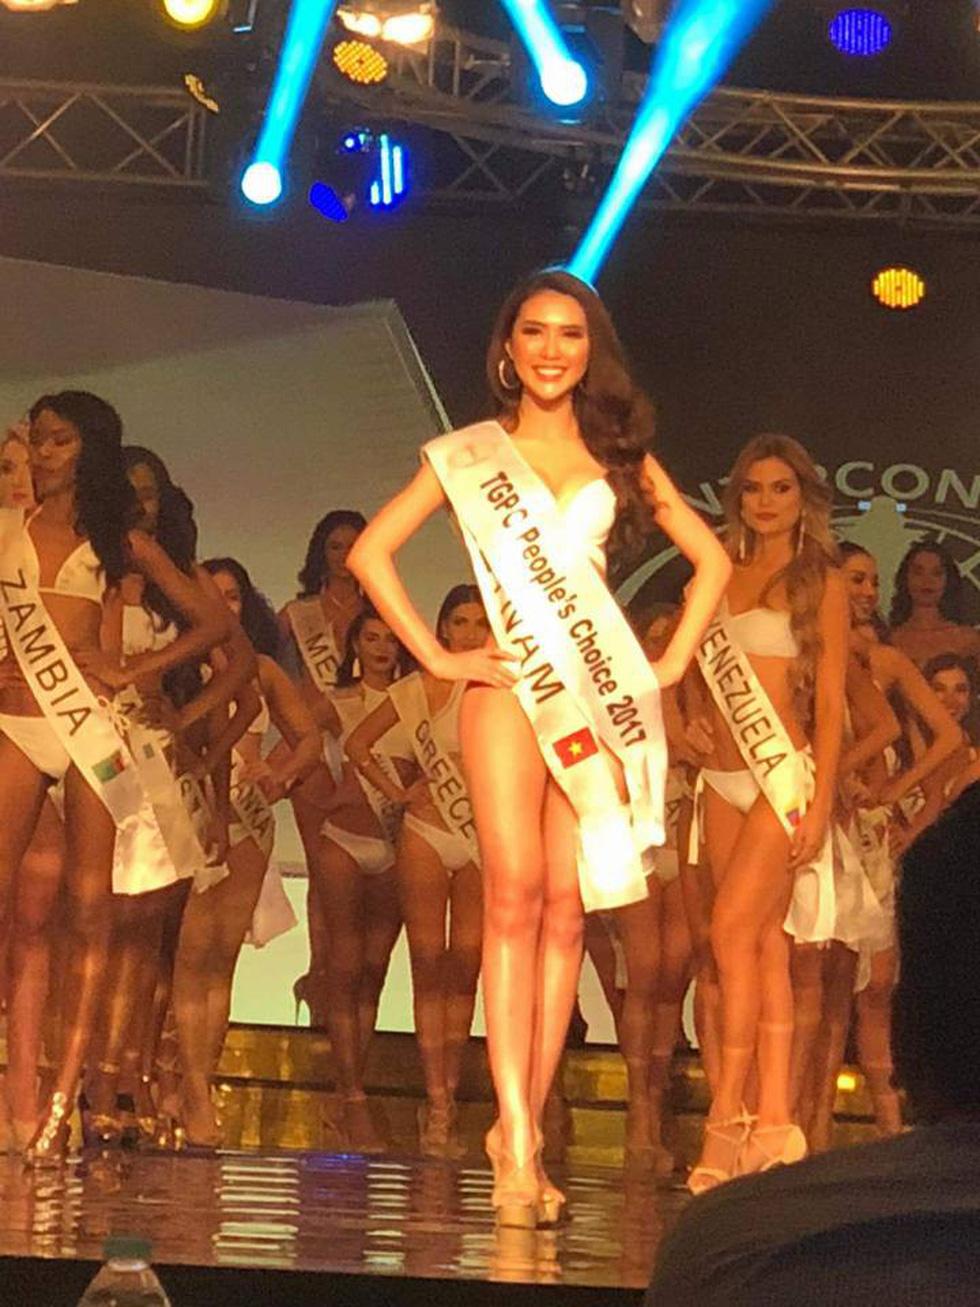 Tường Linh đoạt giải Hoa hậu được yêu thích nhất - Ảnh 3.